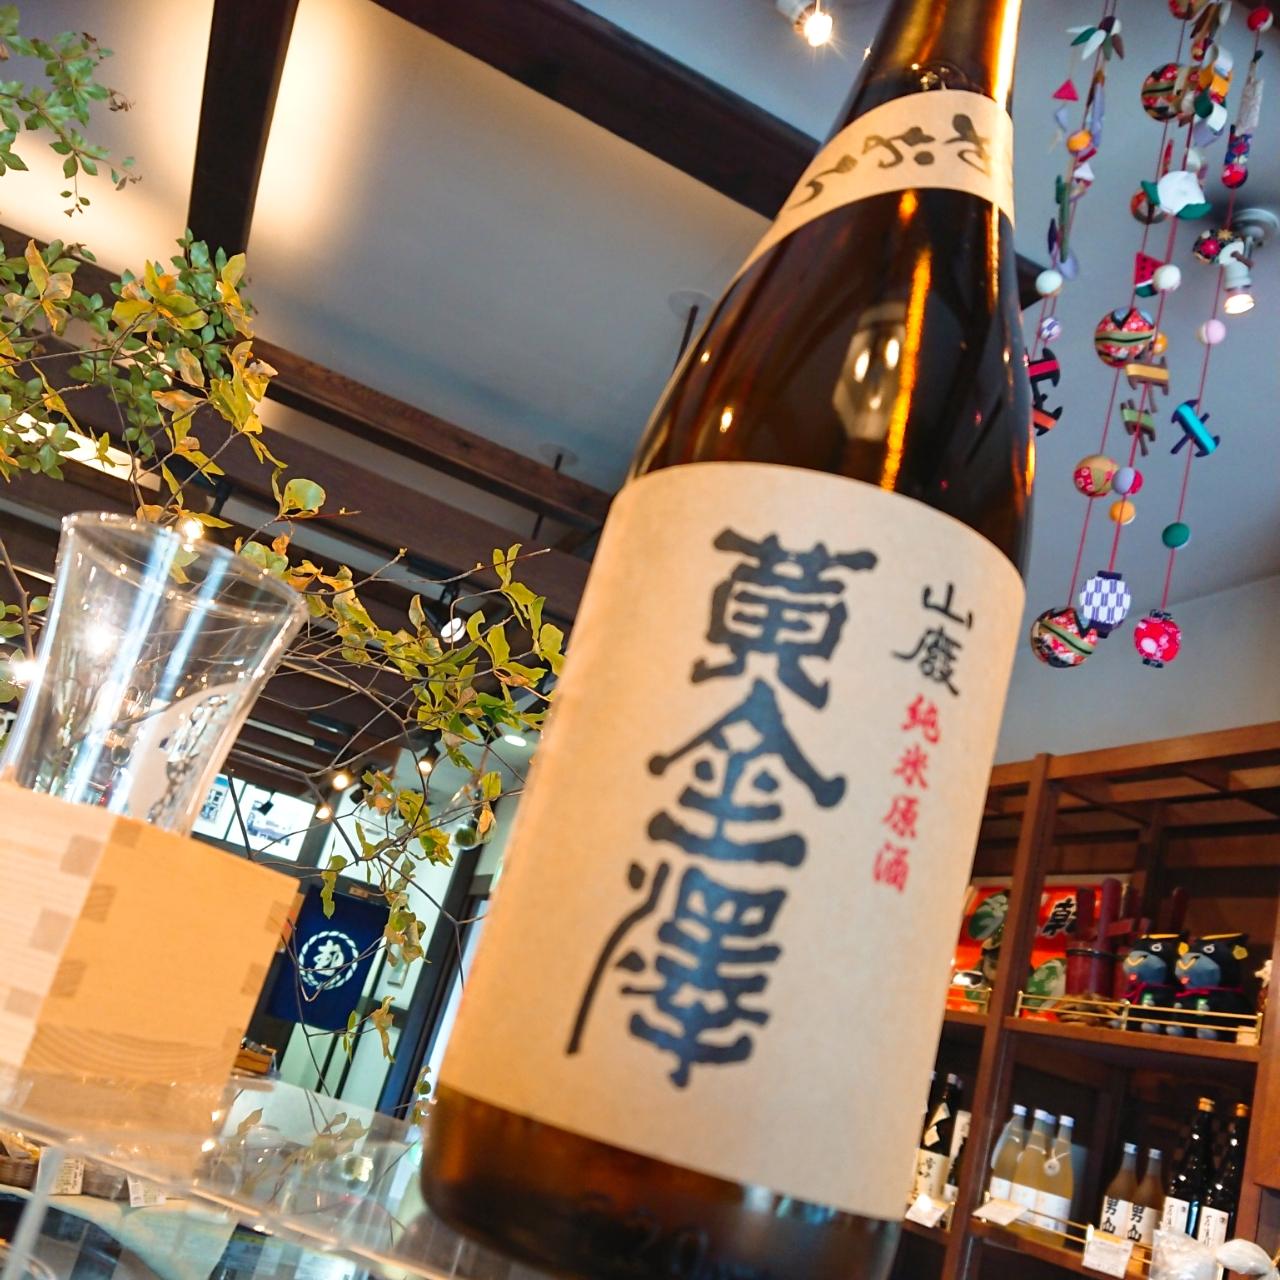 【秋酒】黄金澤 山廃純米原酒 ひやおろし